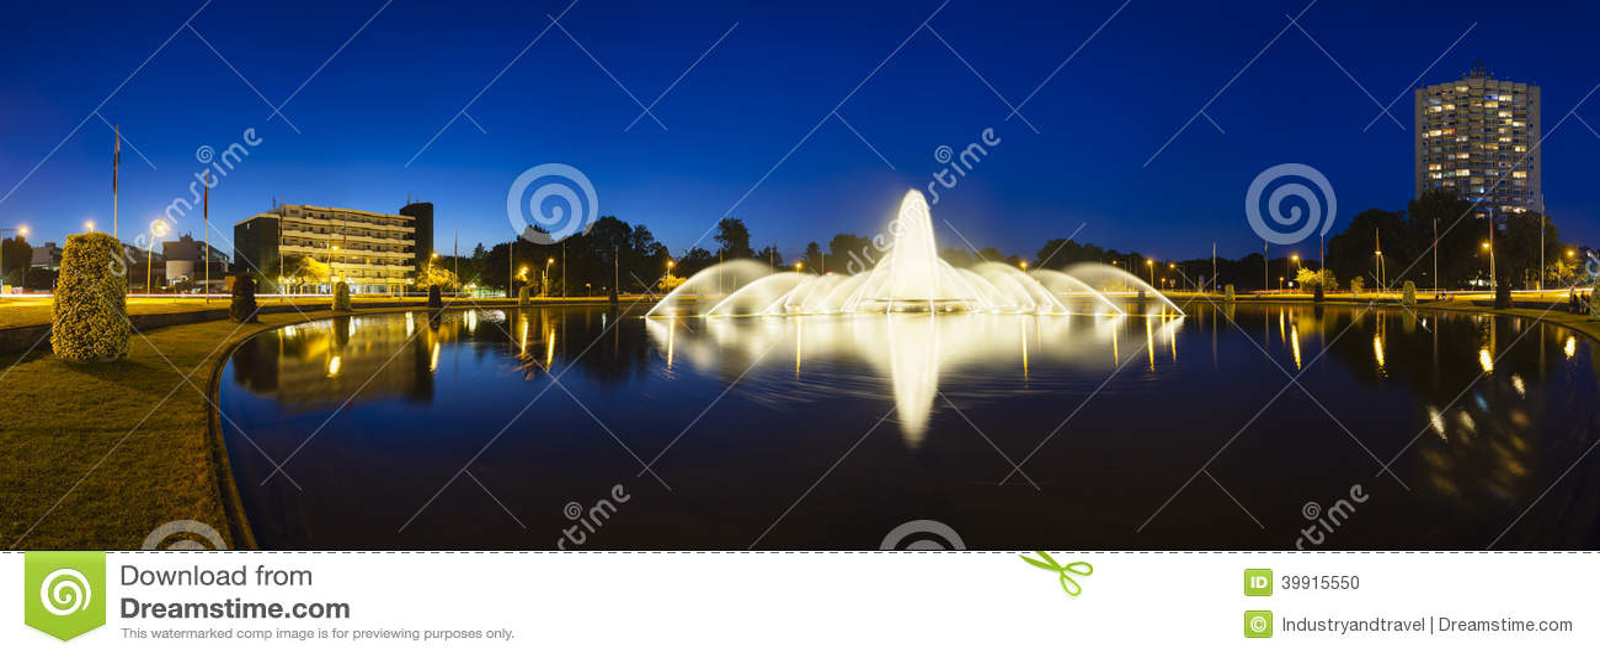 Fuente de Aquisgrán Europaplatz en la noche